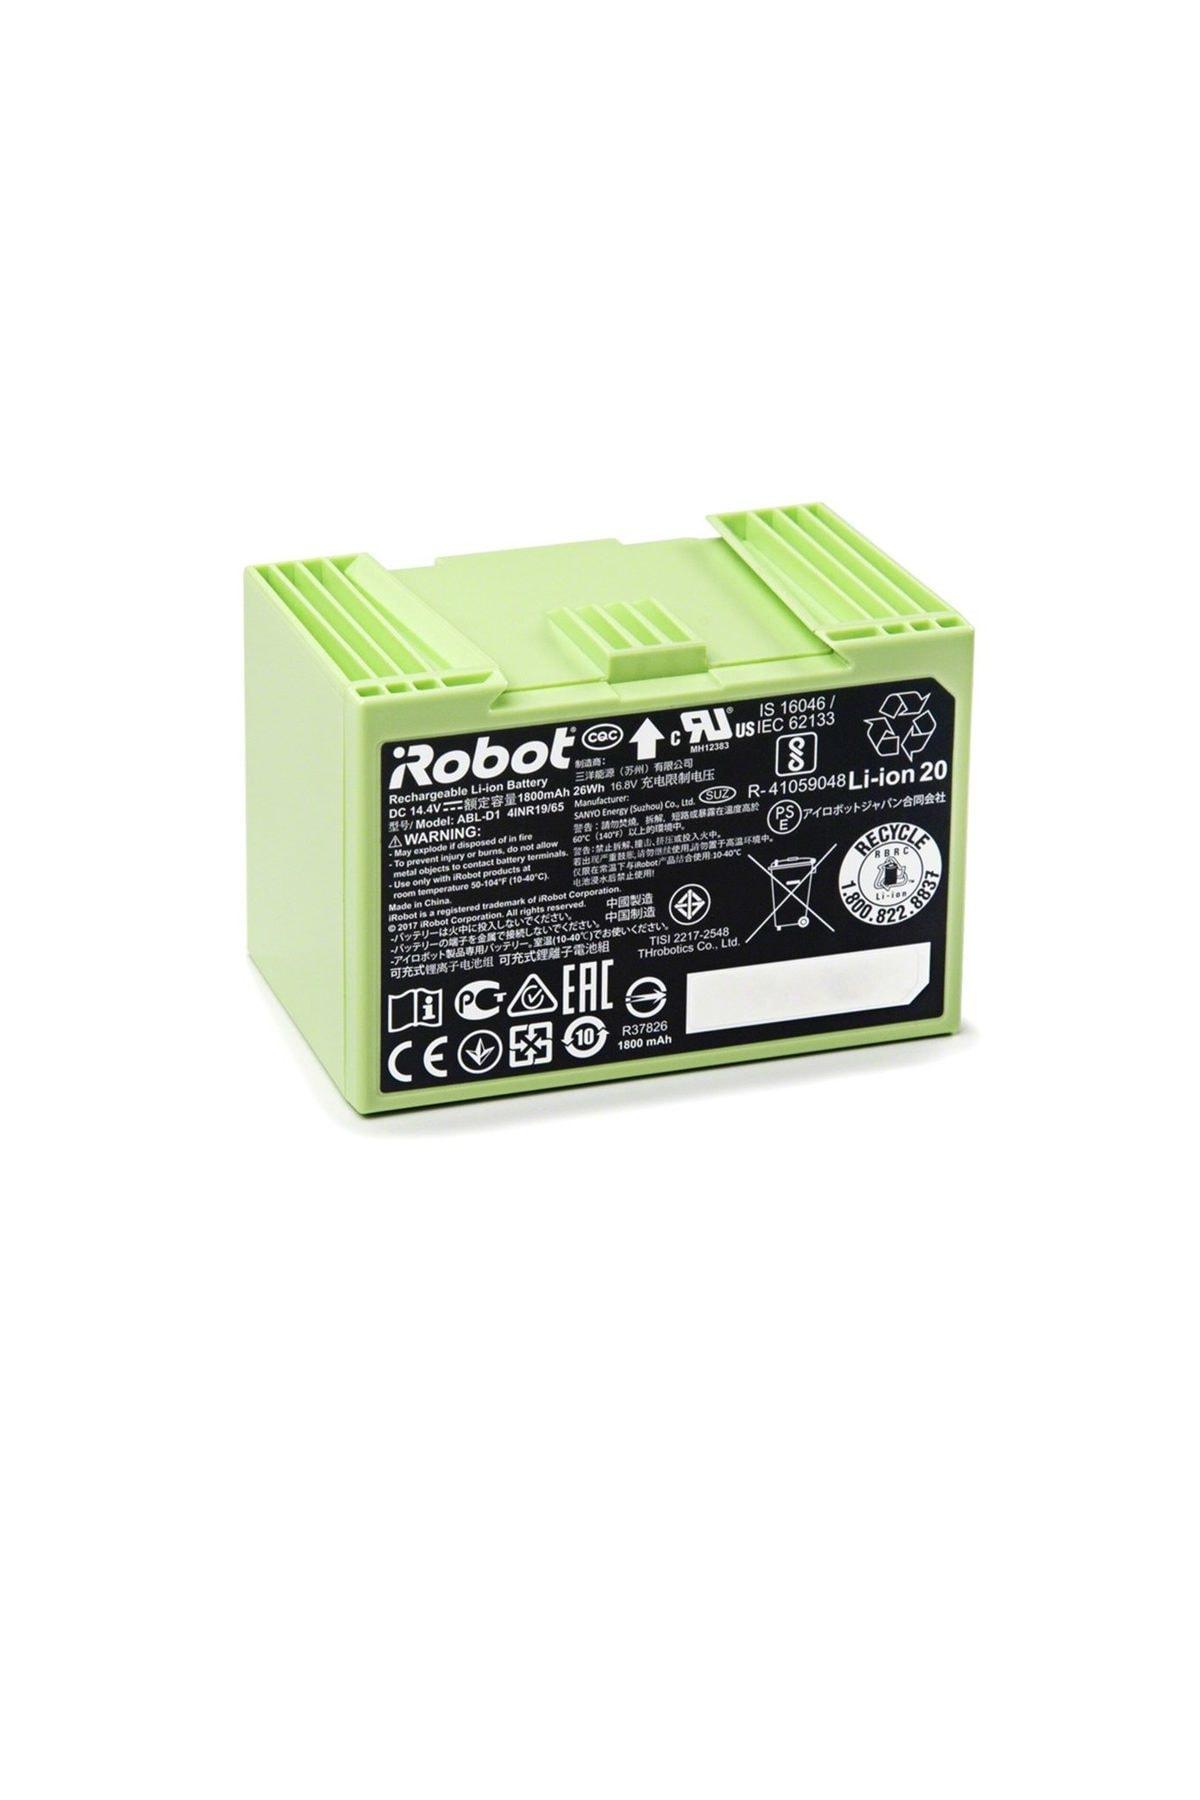 iRobot Roomba e5 Batarya - 1850 mAh Fiyatı, Yorumları - TRENDYOL